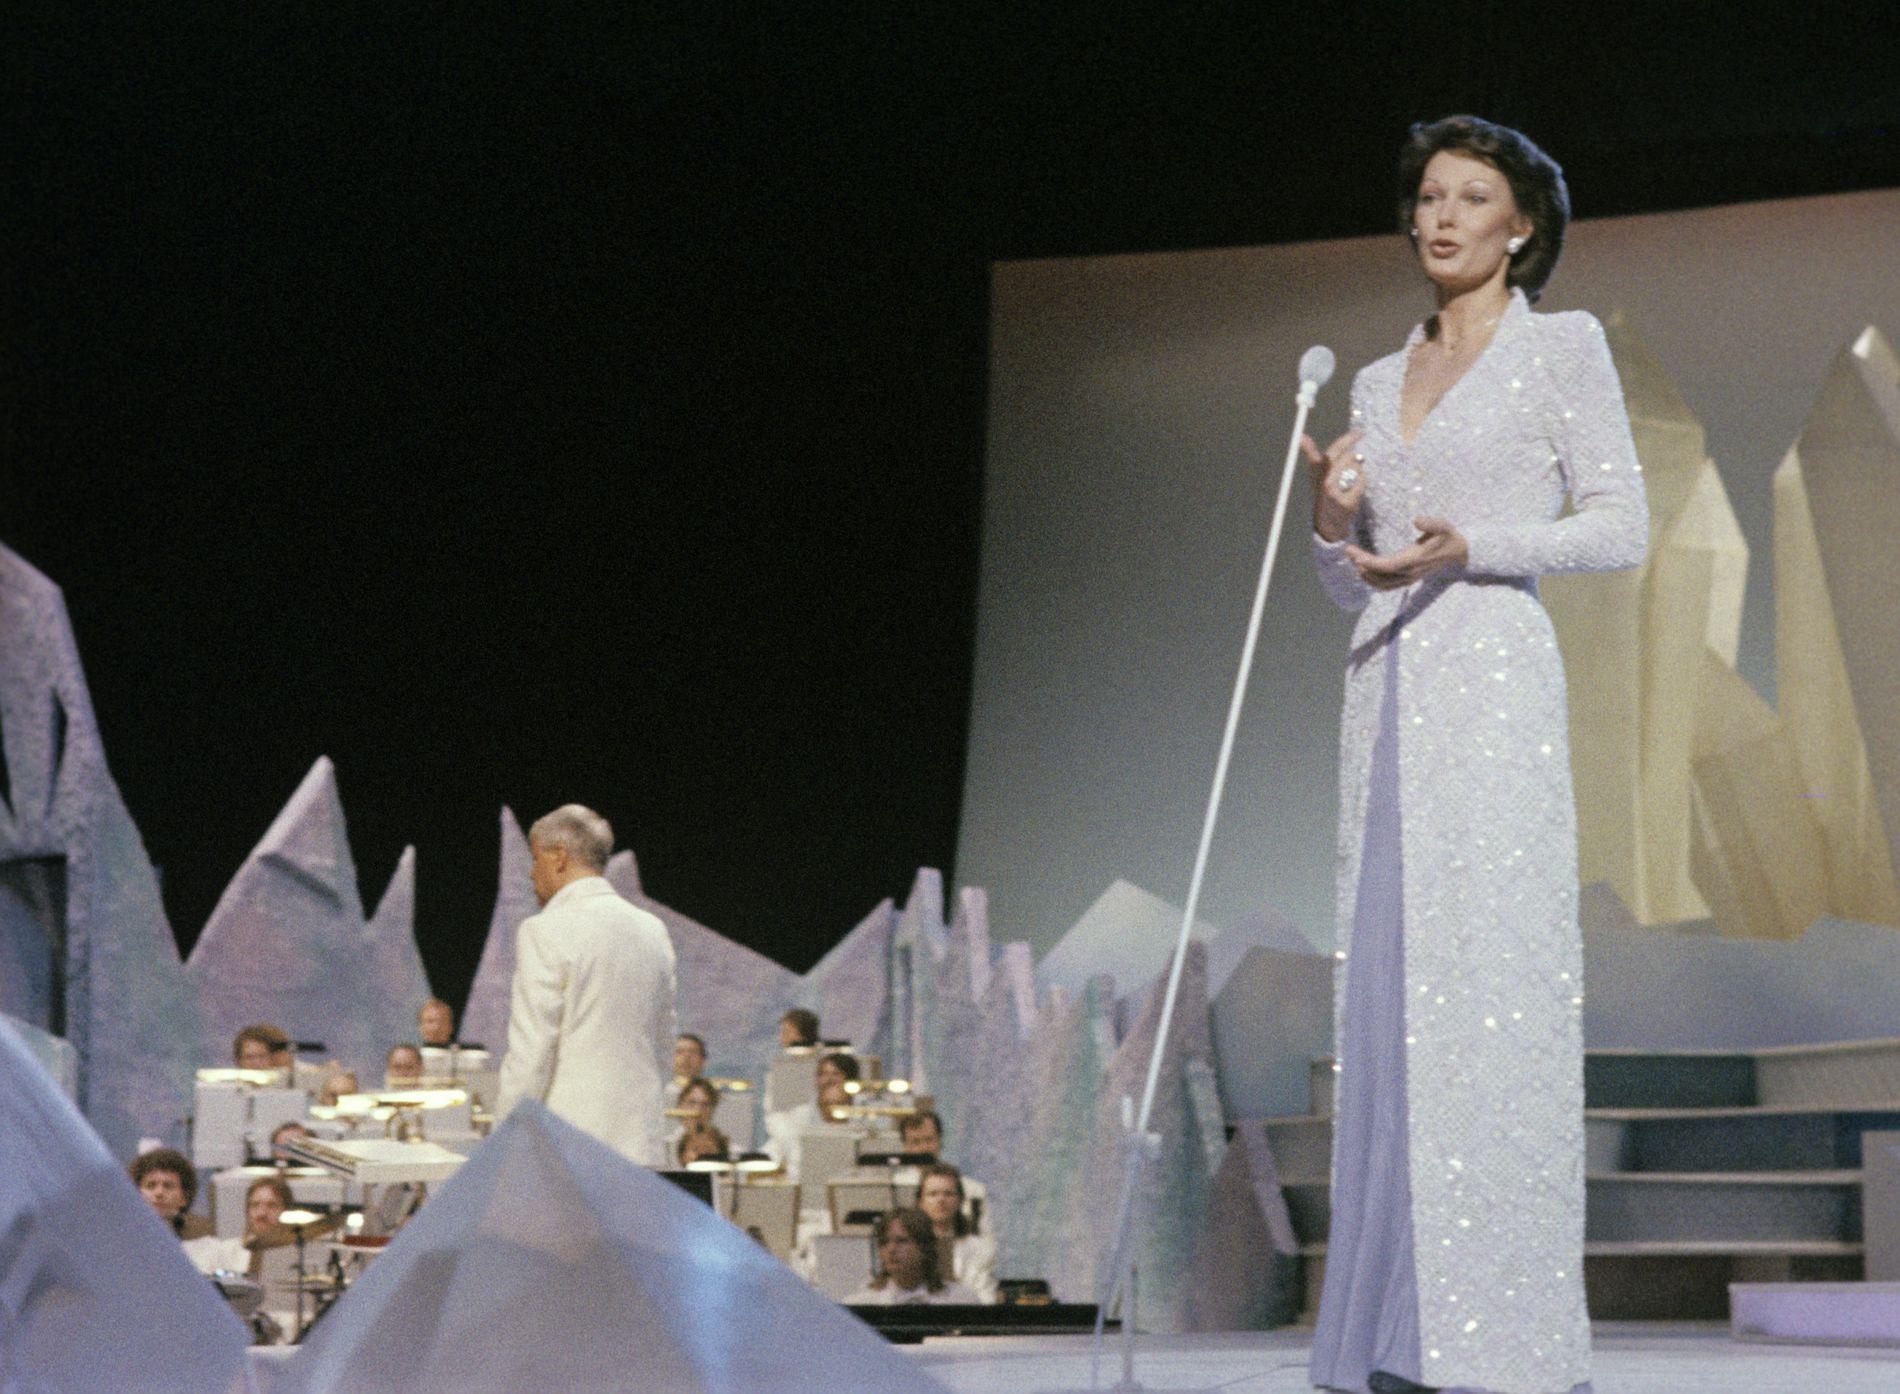 DEN GONG DÅ: I 1986 var Bergen stort nok til at NRK kunne arrangere Eurovision Song Contest her. I 2020 er byen for liten for ein regional delfinale. Her er programleiar Åse Kleveland i aksjon.